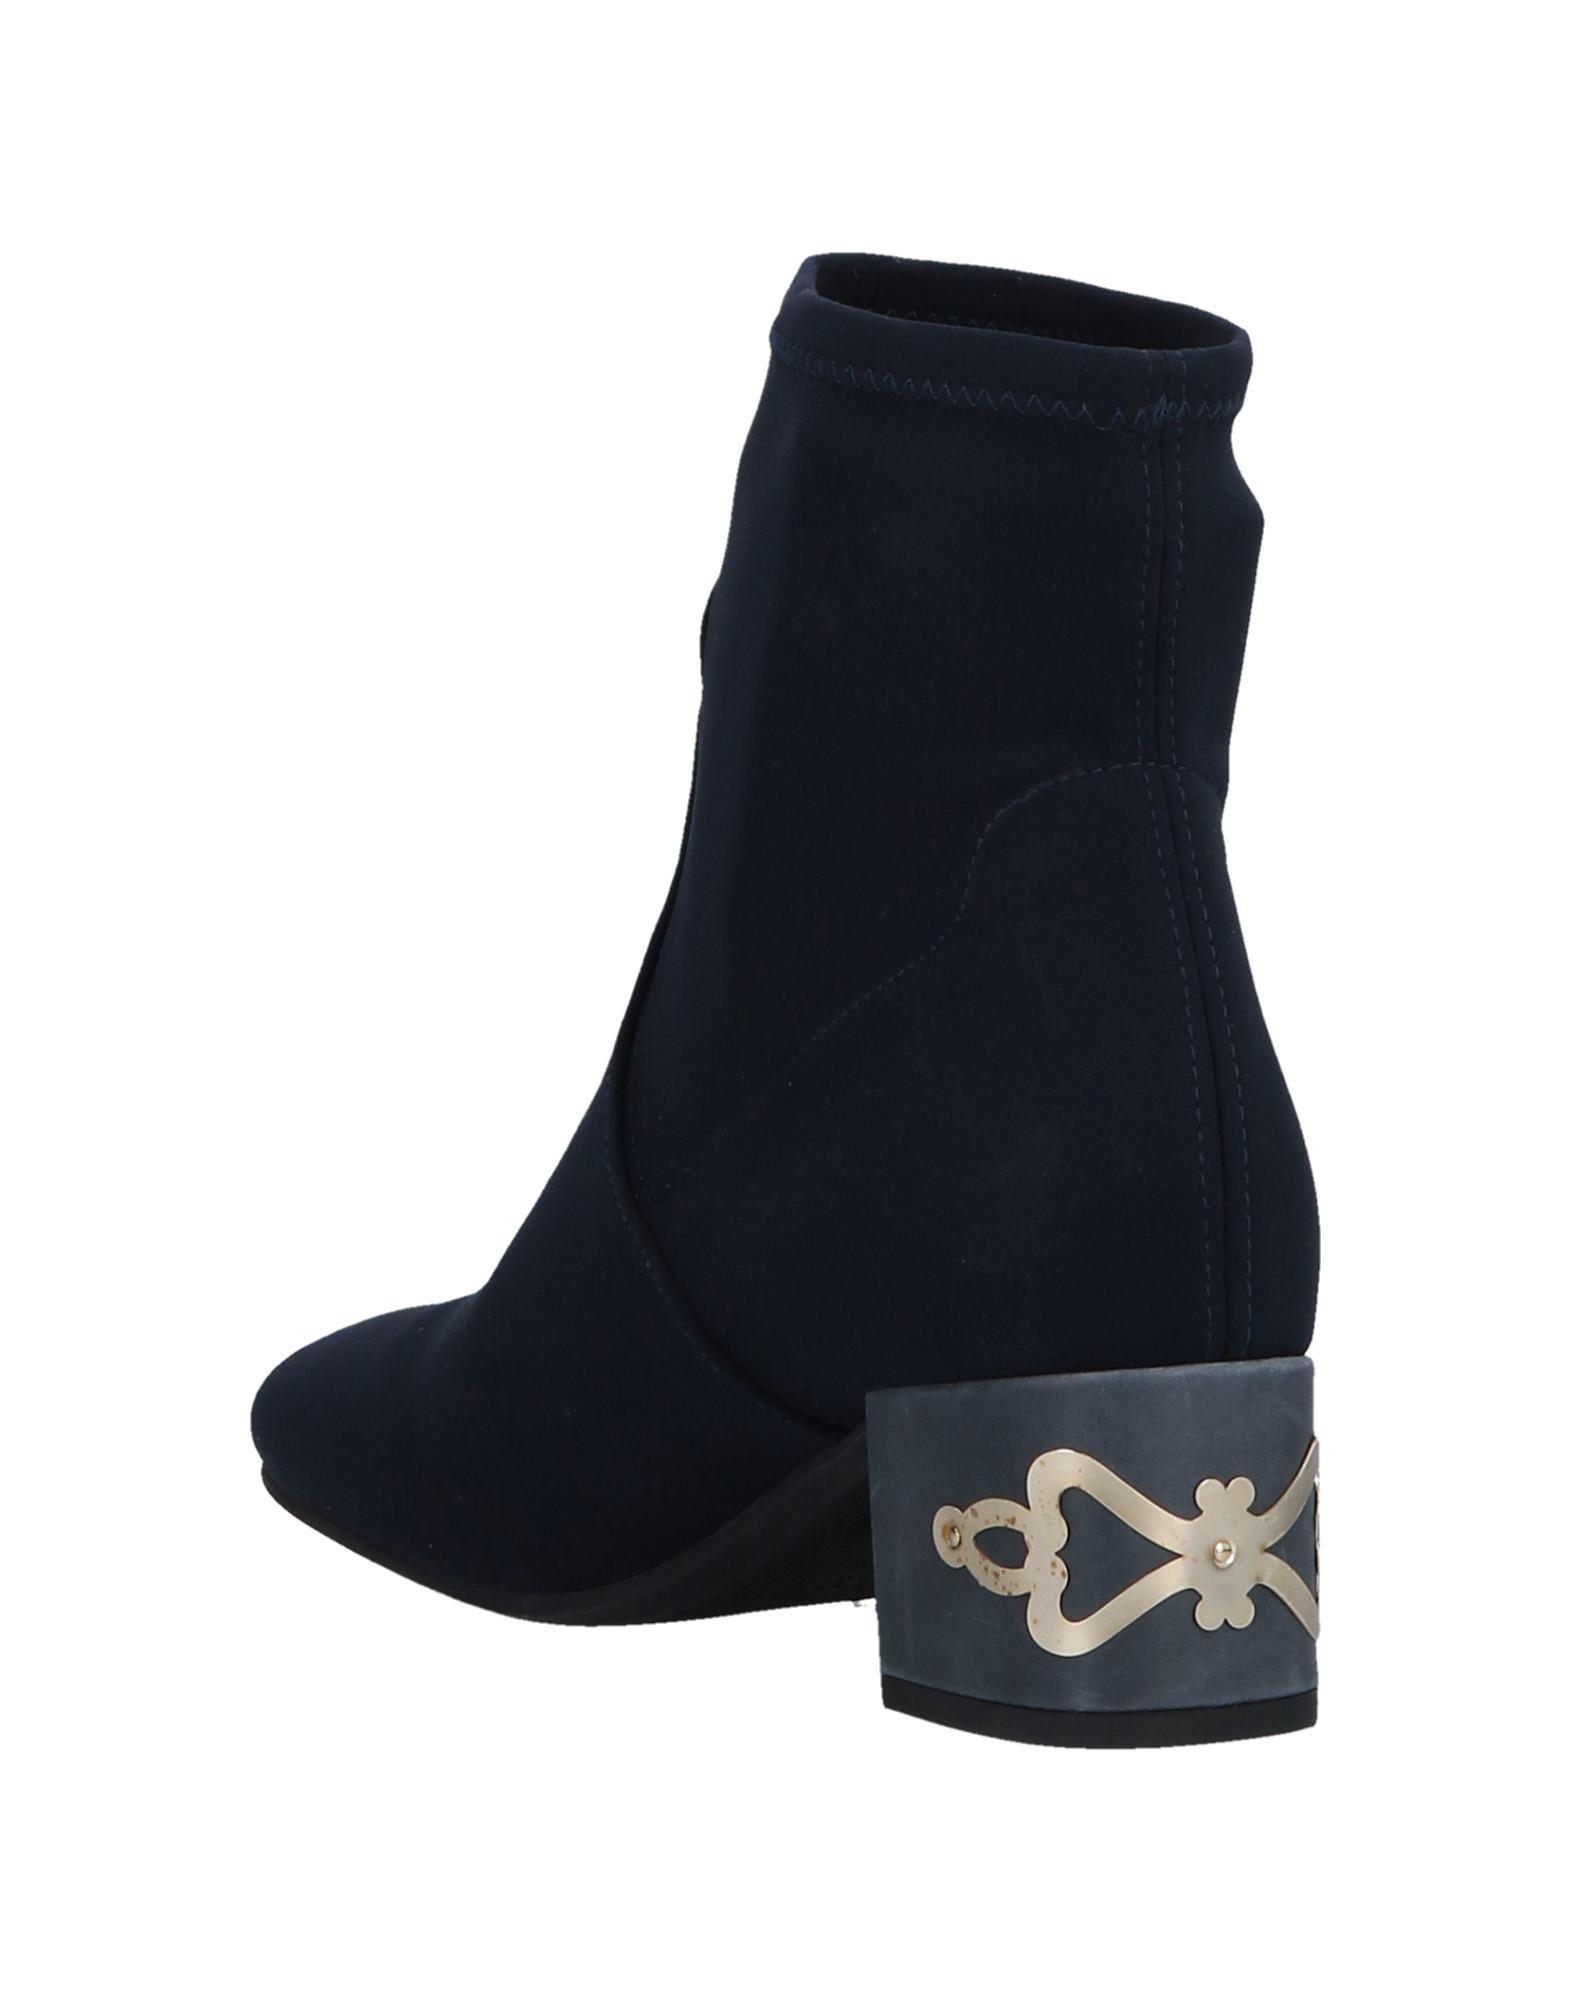 Pedro Miralles Stiefelette Damen  11534156FO Gute Qualität beliebte beliebte beliebte Schuhe fb5ad7